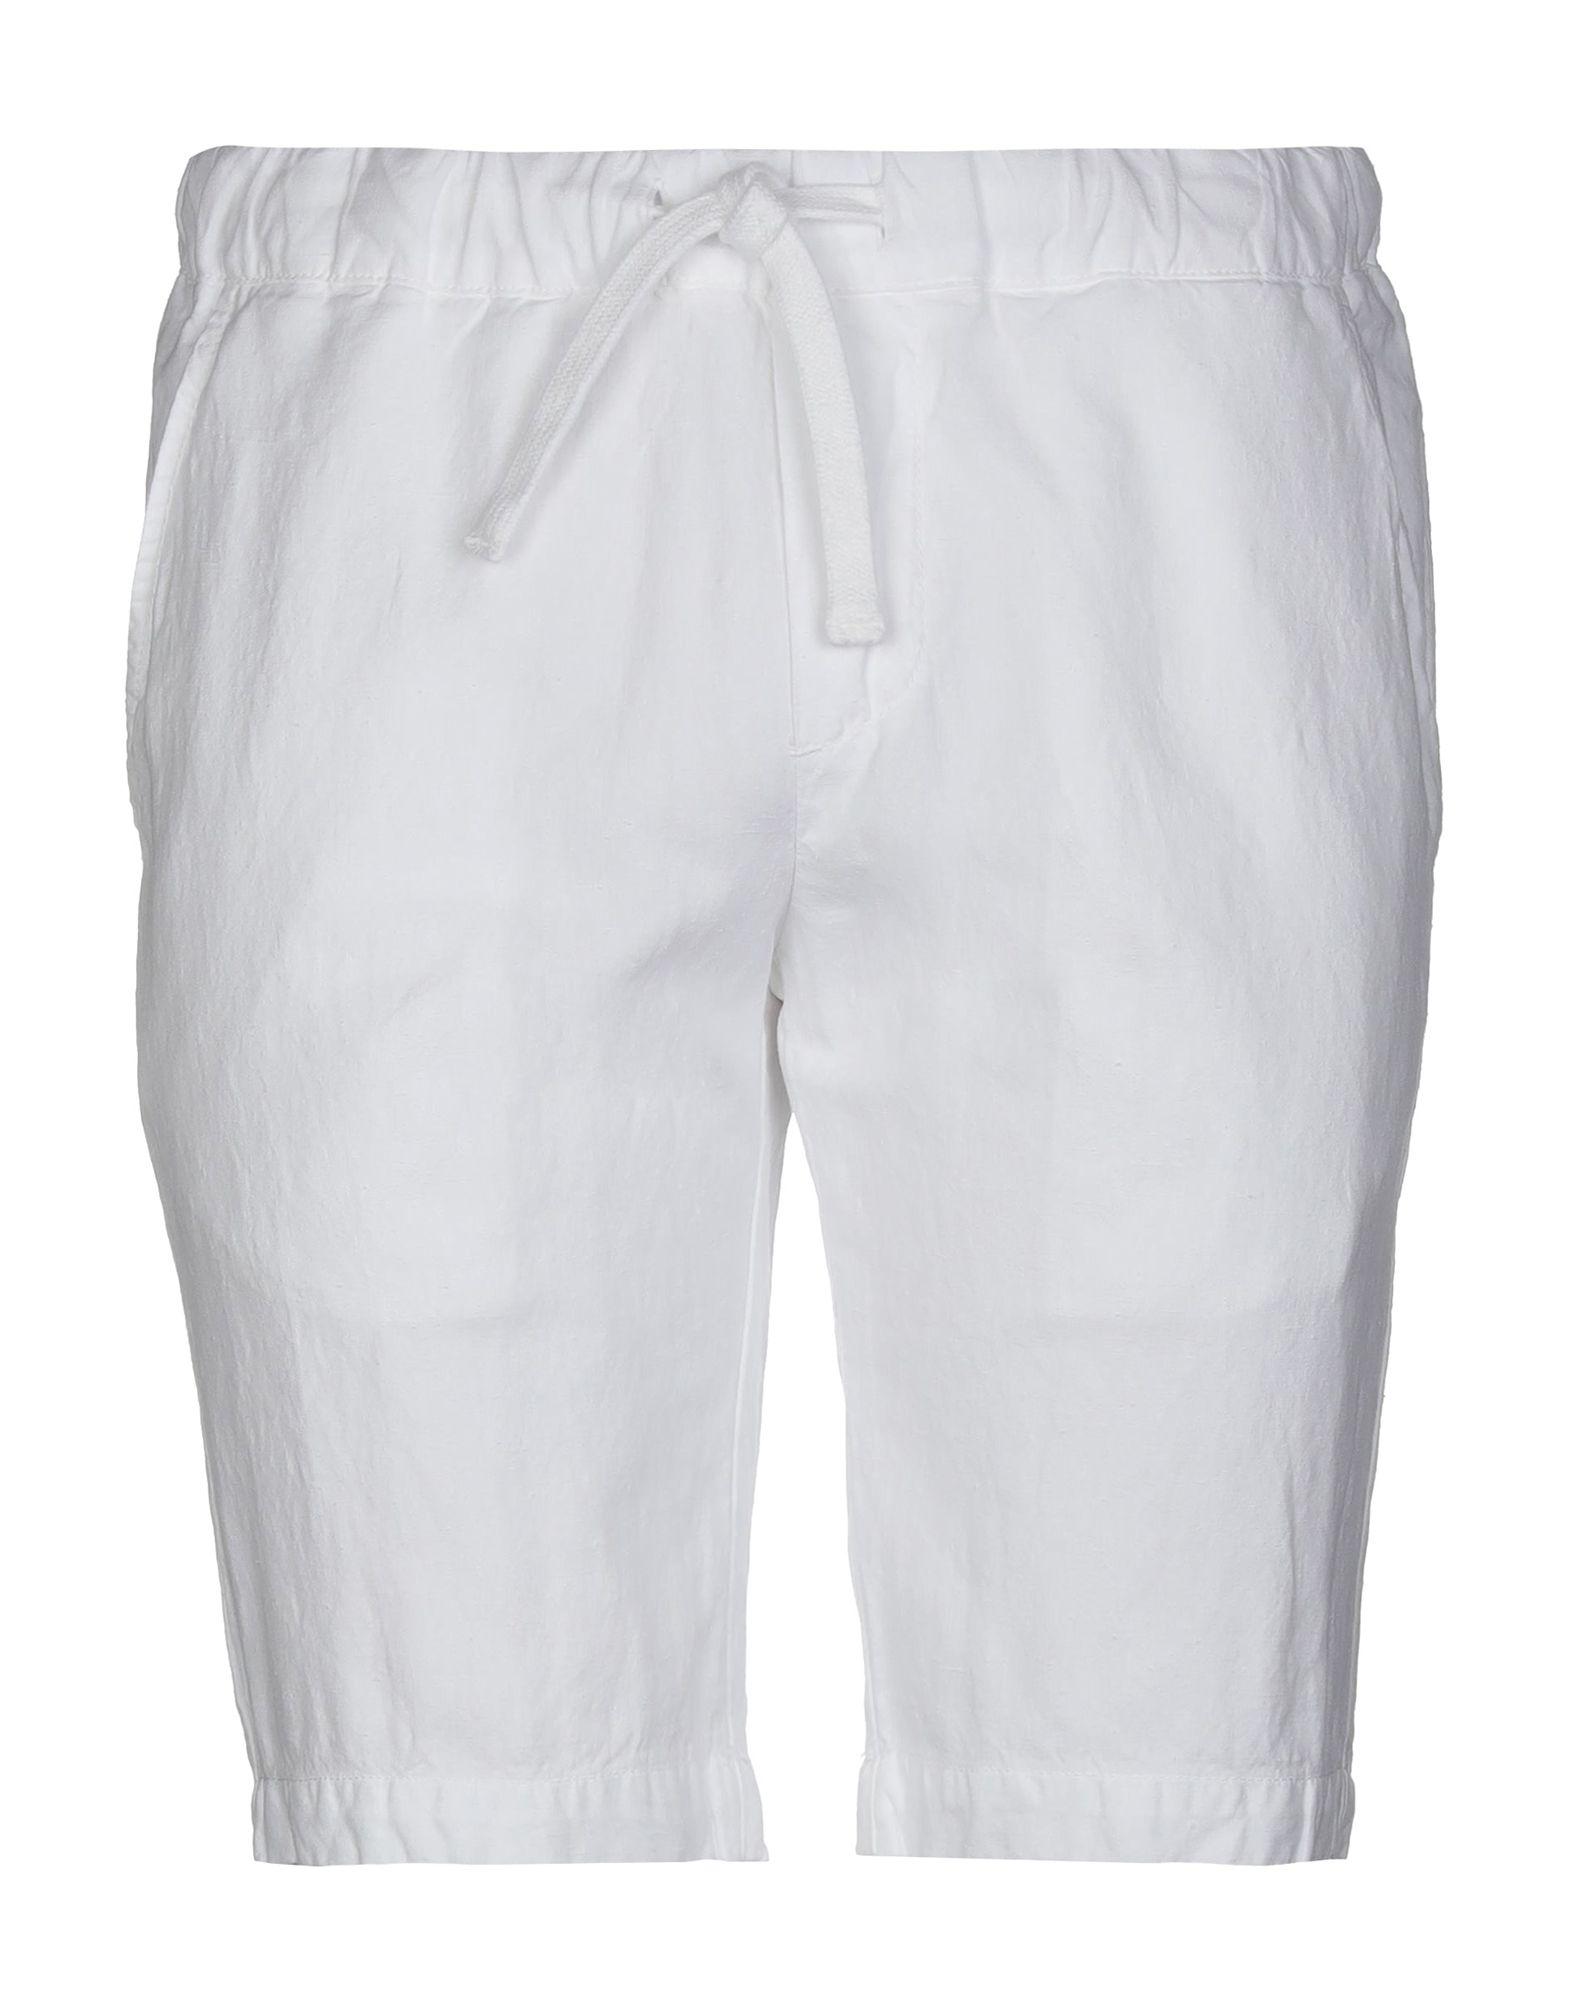 《期間限定セール開催中!》ORIGINAL VINTAGE STYLE メンズ バミューダパンツ ホワイト 46 コットン 54% / 麻 46%